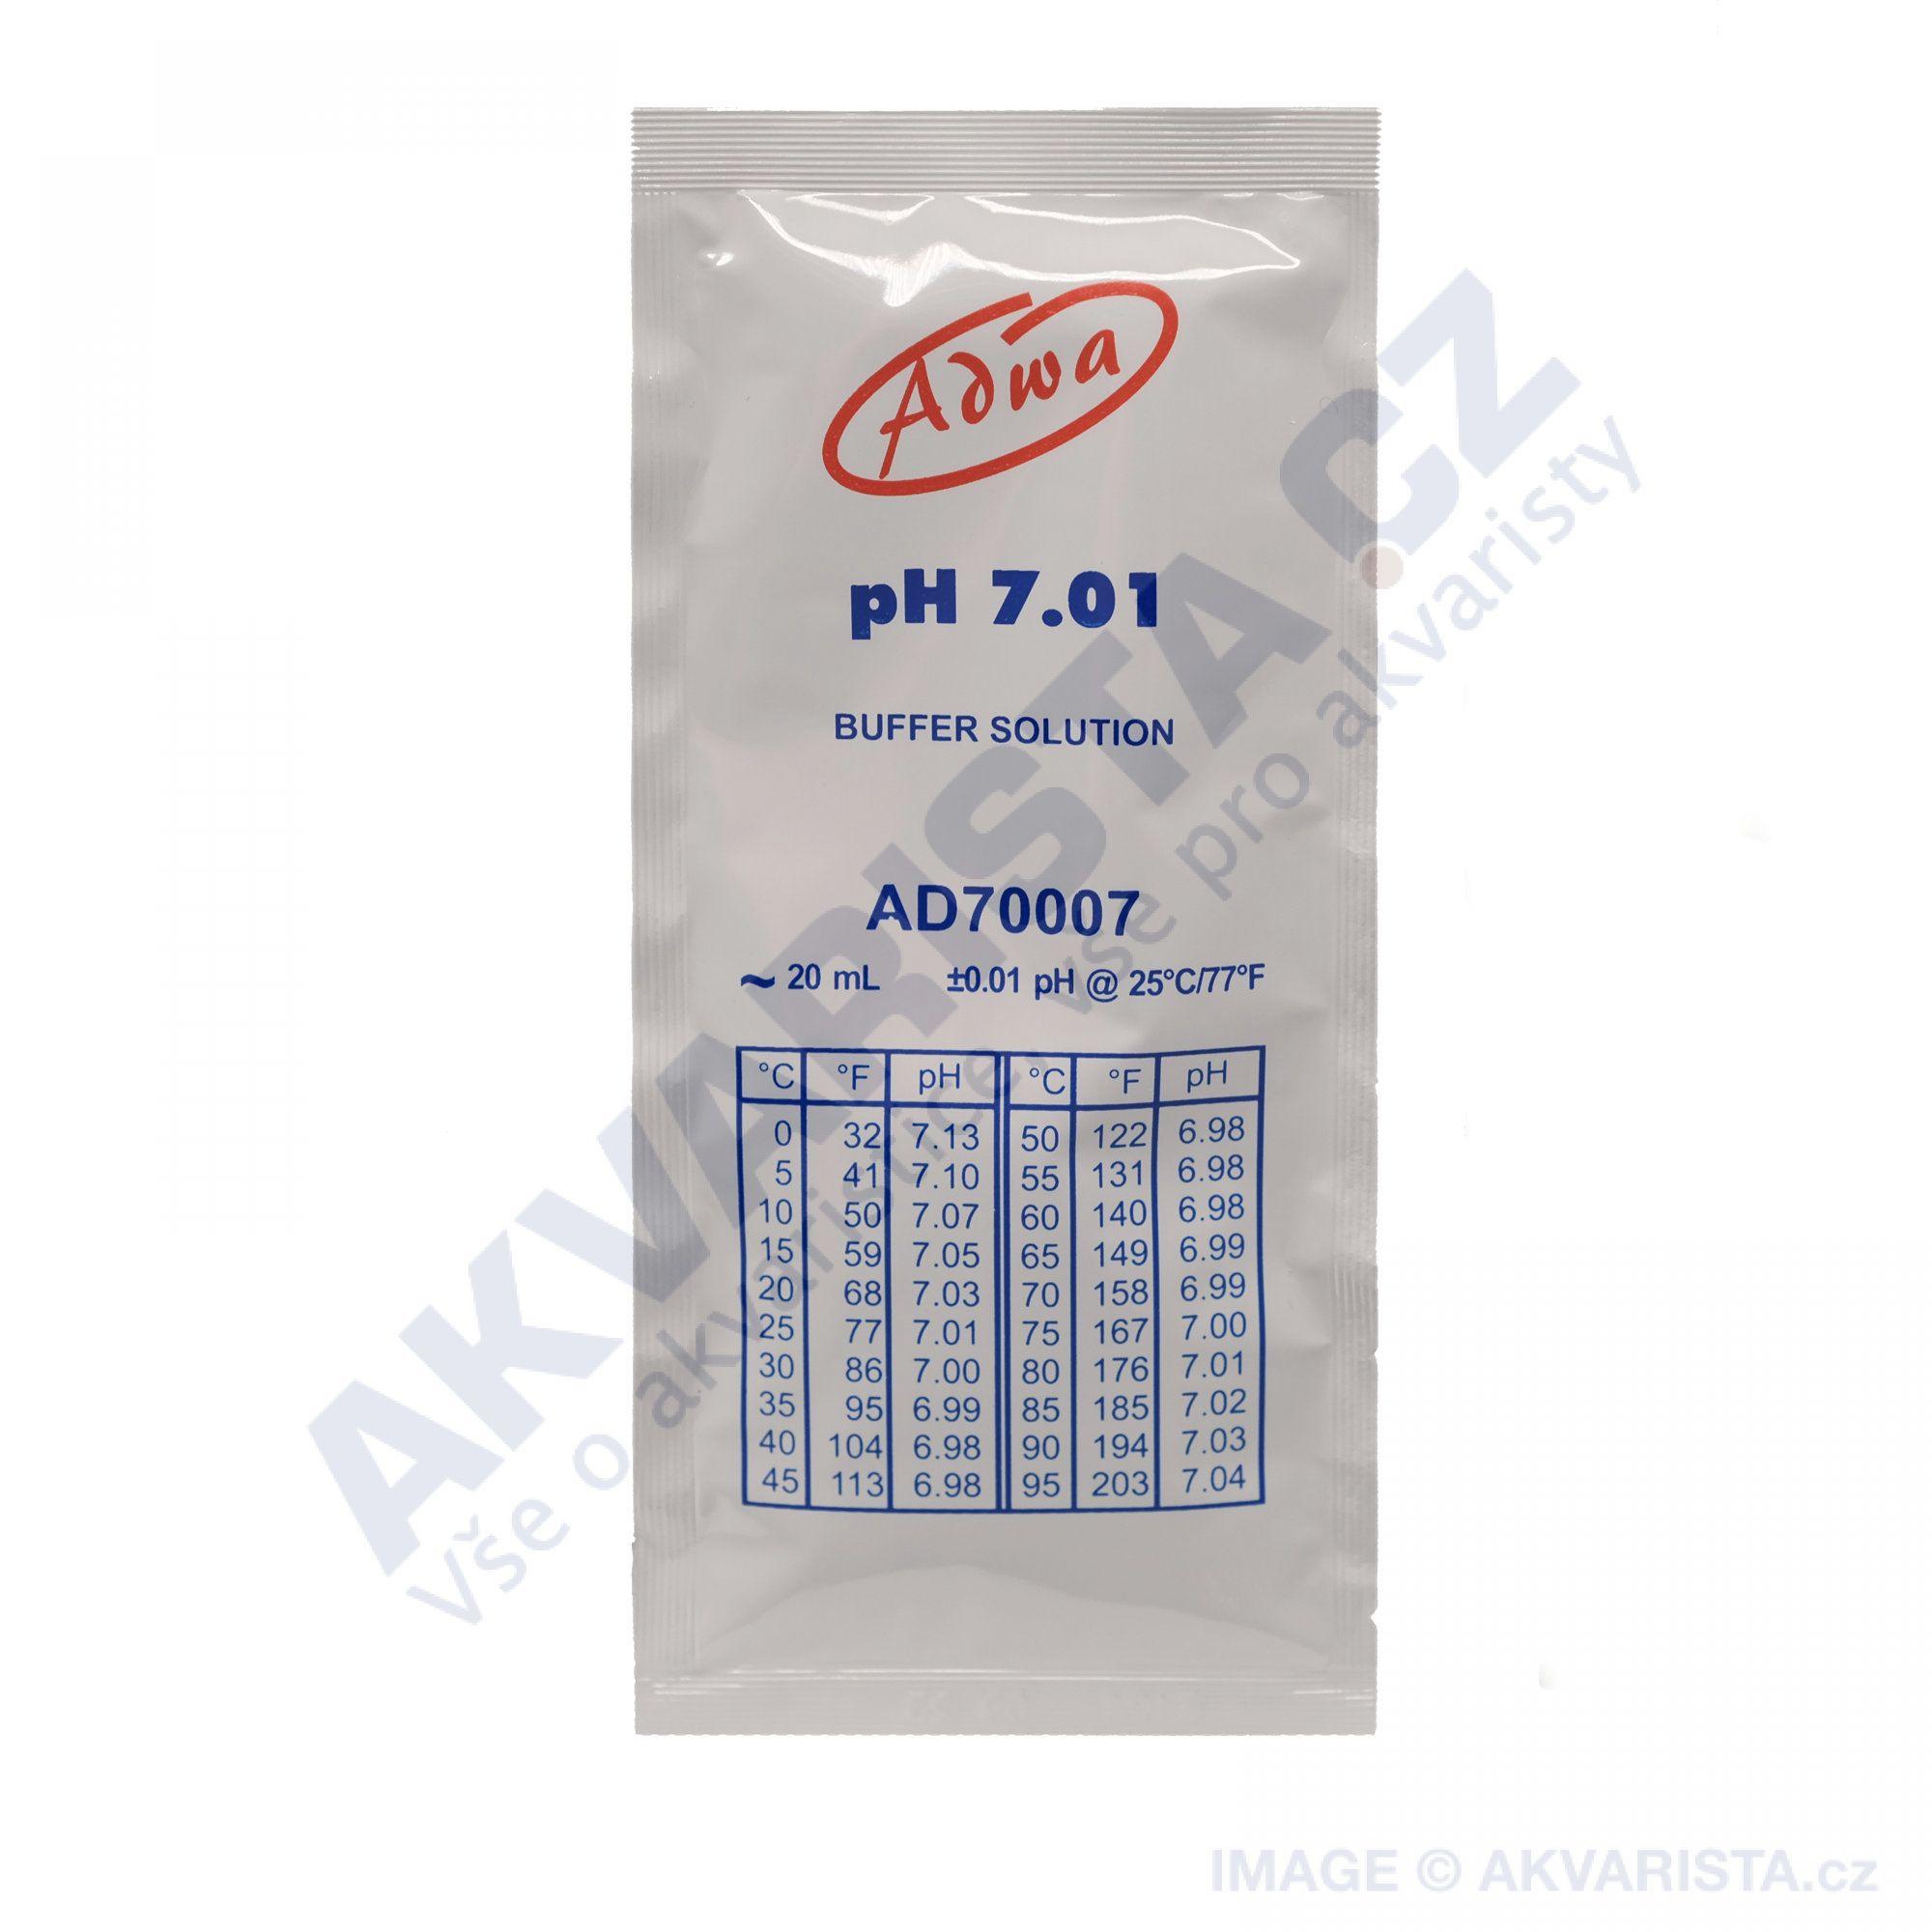 ADWA Kalibrační roztok pH 7.0,  20 ml